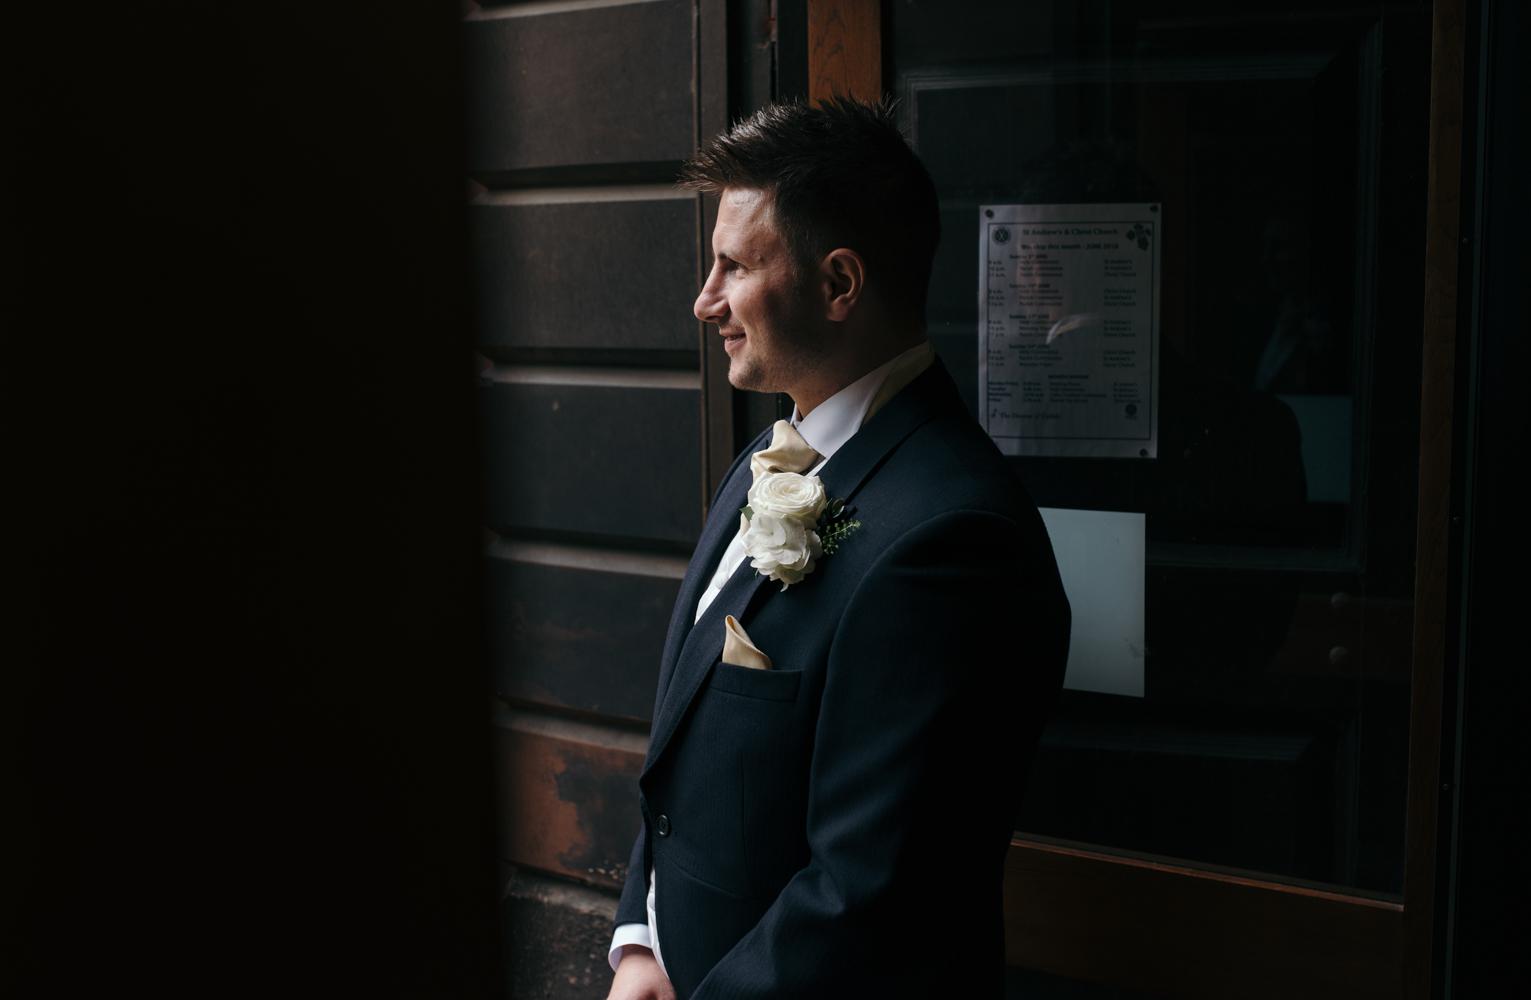 The groom solo portrait standing in the church doorway